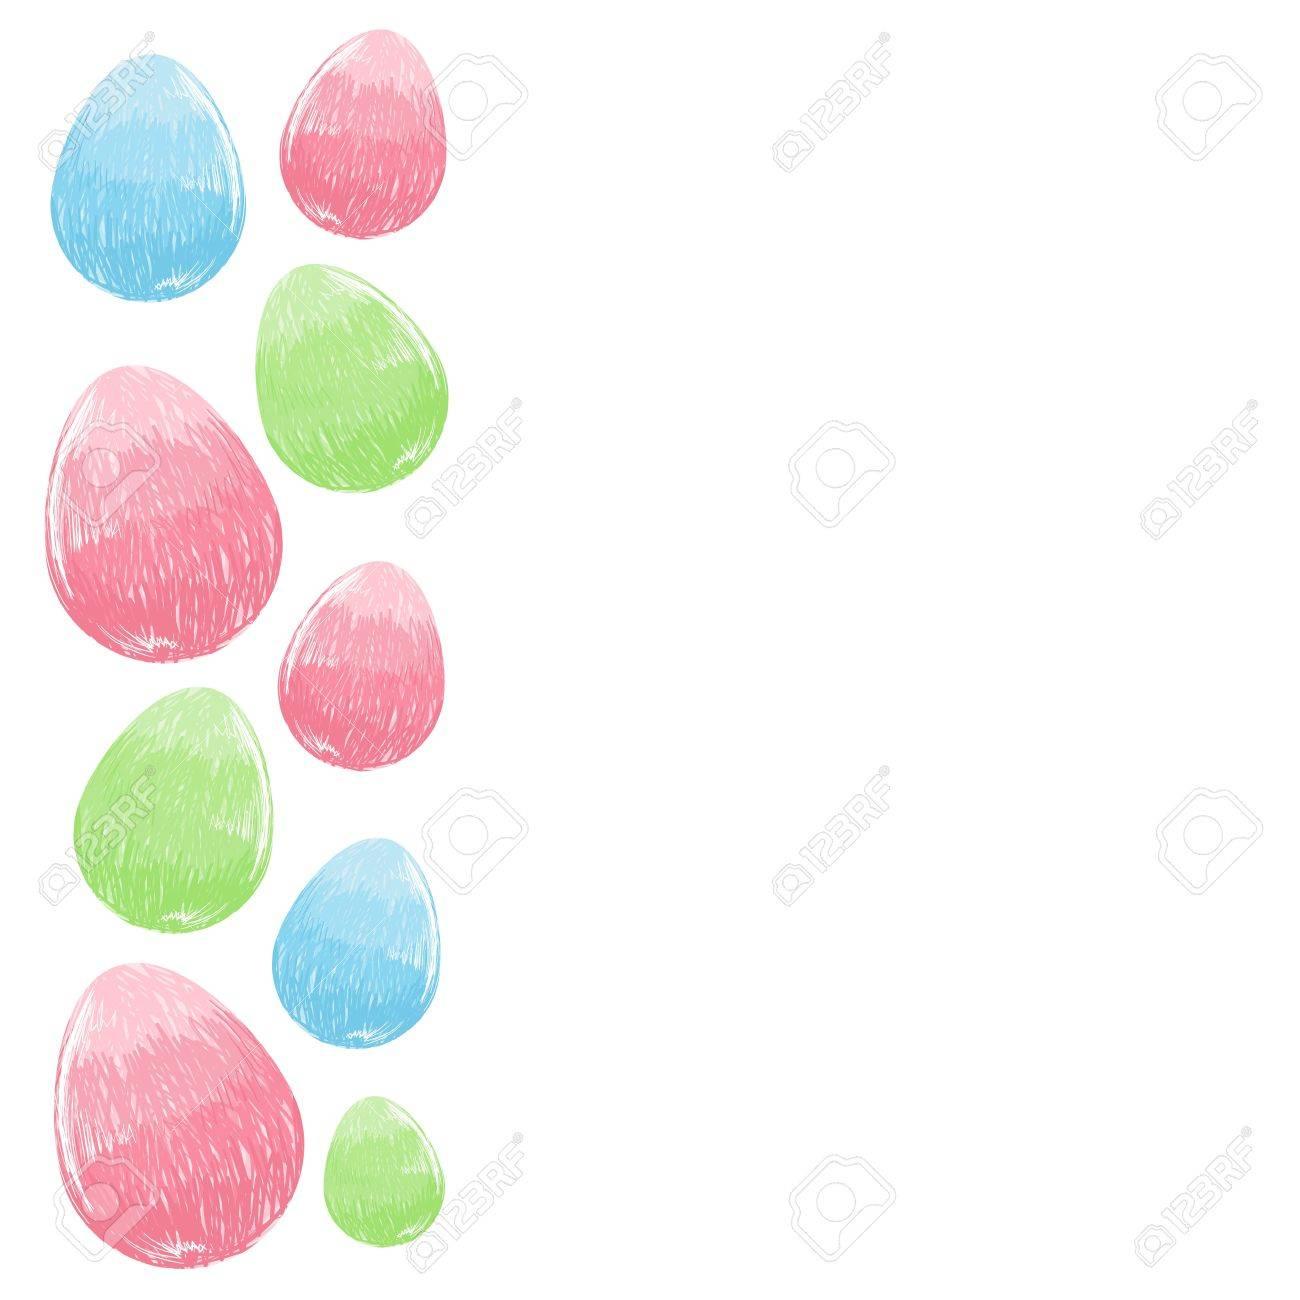 Mano Alzada Diseño Dibujado Pascua Marco De La Frontera Huevos ...